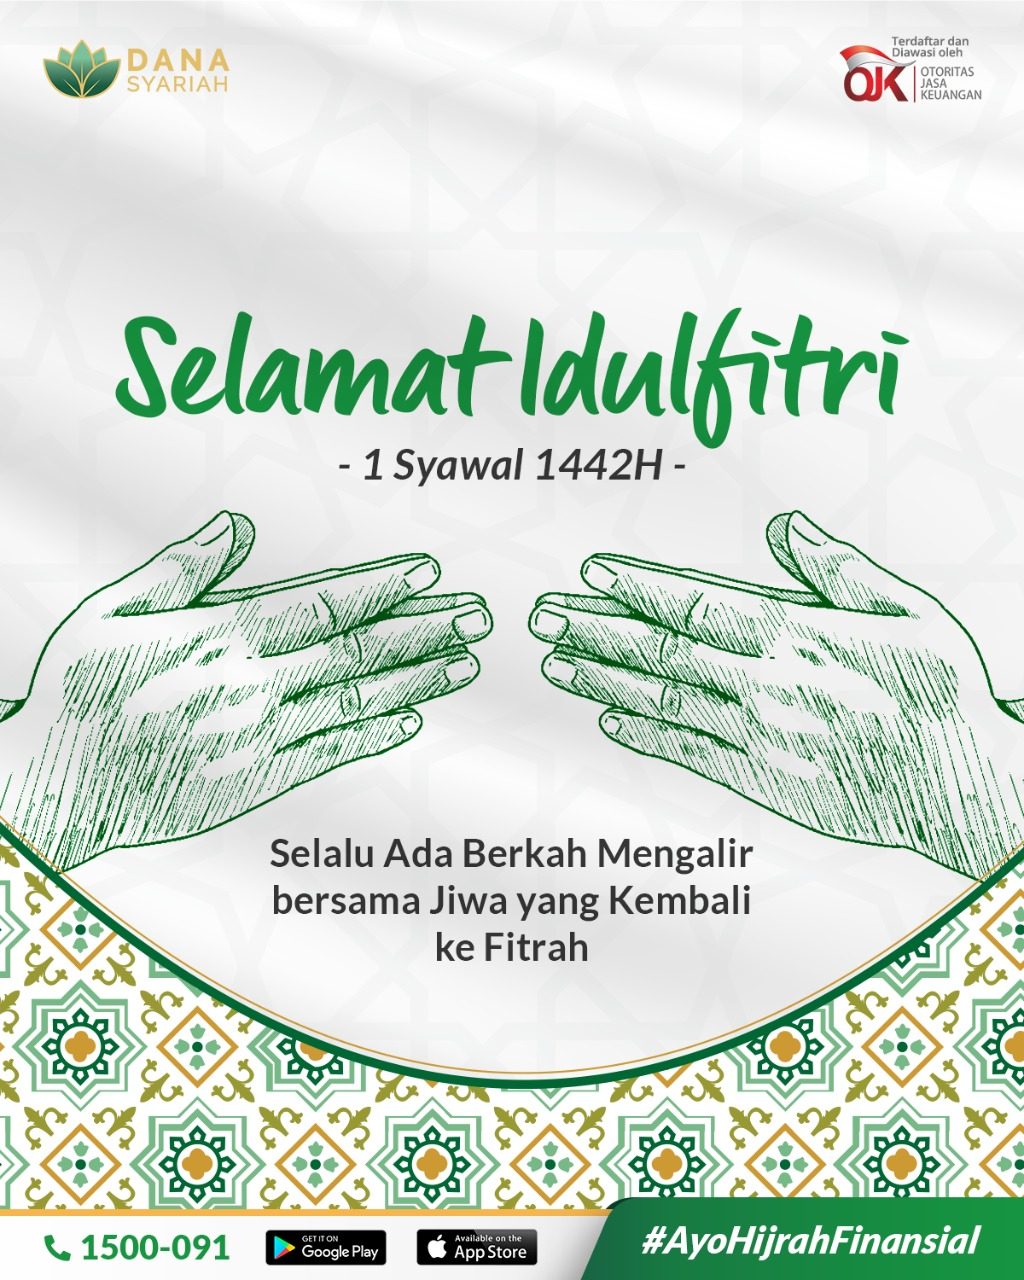 Dana Syariah Selamat Hari Raya Idulfitri 1442 H - Mohon Maaf Lahir & Batin